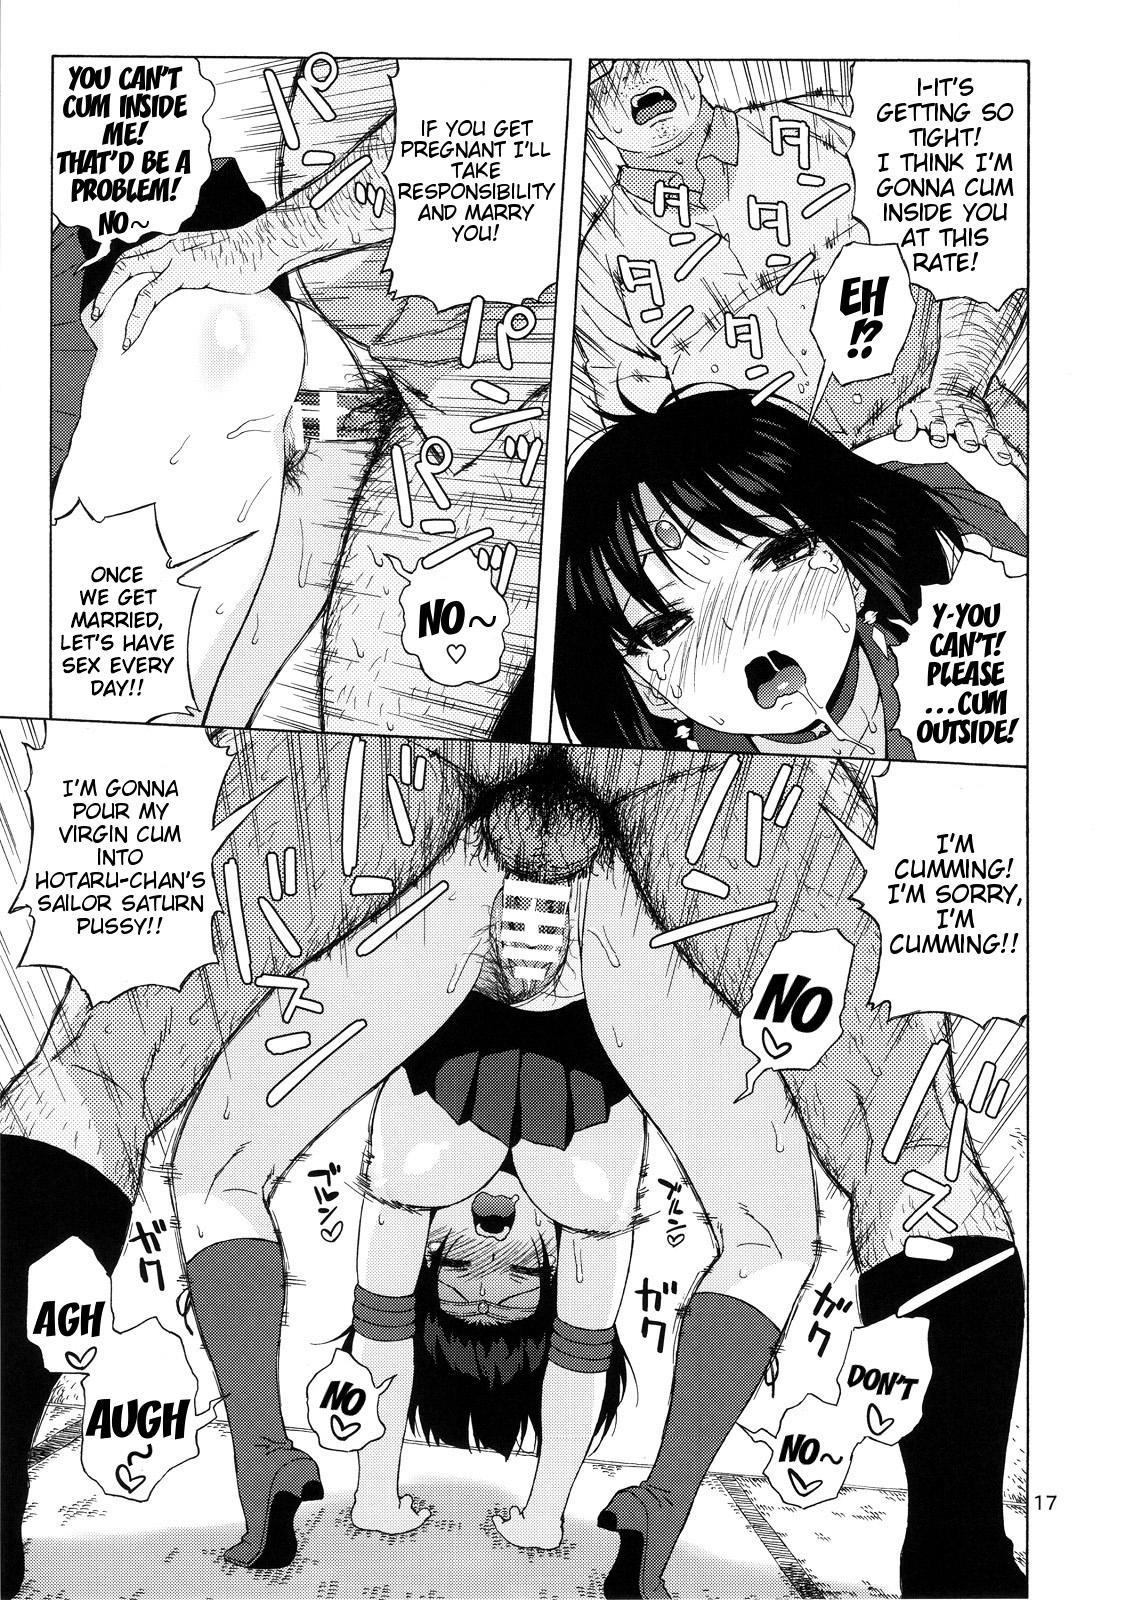 (C86) [666Protect (Jingrock)] JK no Hotaru-chan to Kekkon suru Houhou | A Method to Marry Hotaru-chan the JK (Bishoujo Senshi Sailor Moon) [English] {doujin-moe.us} 15